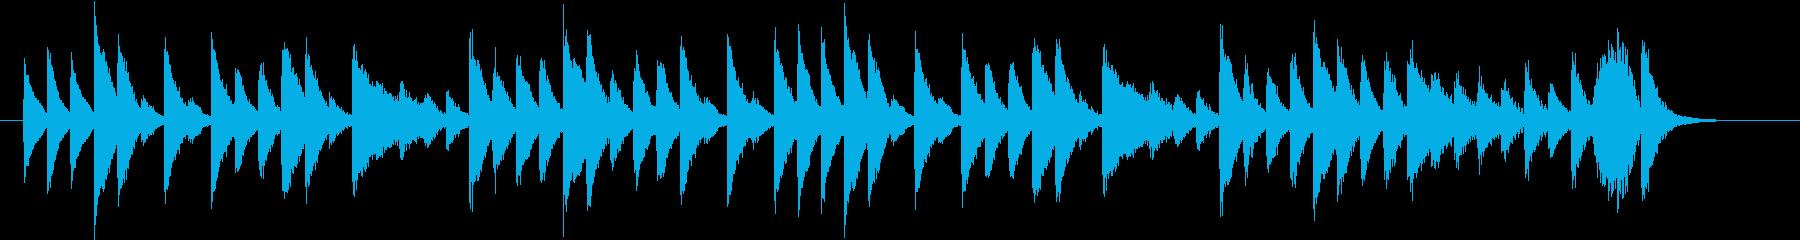 夏らしい弾けるポップなピアノジングルの再生済みの波形